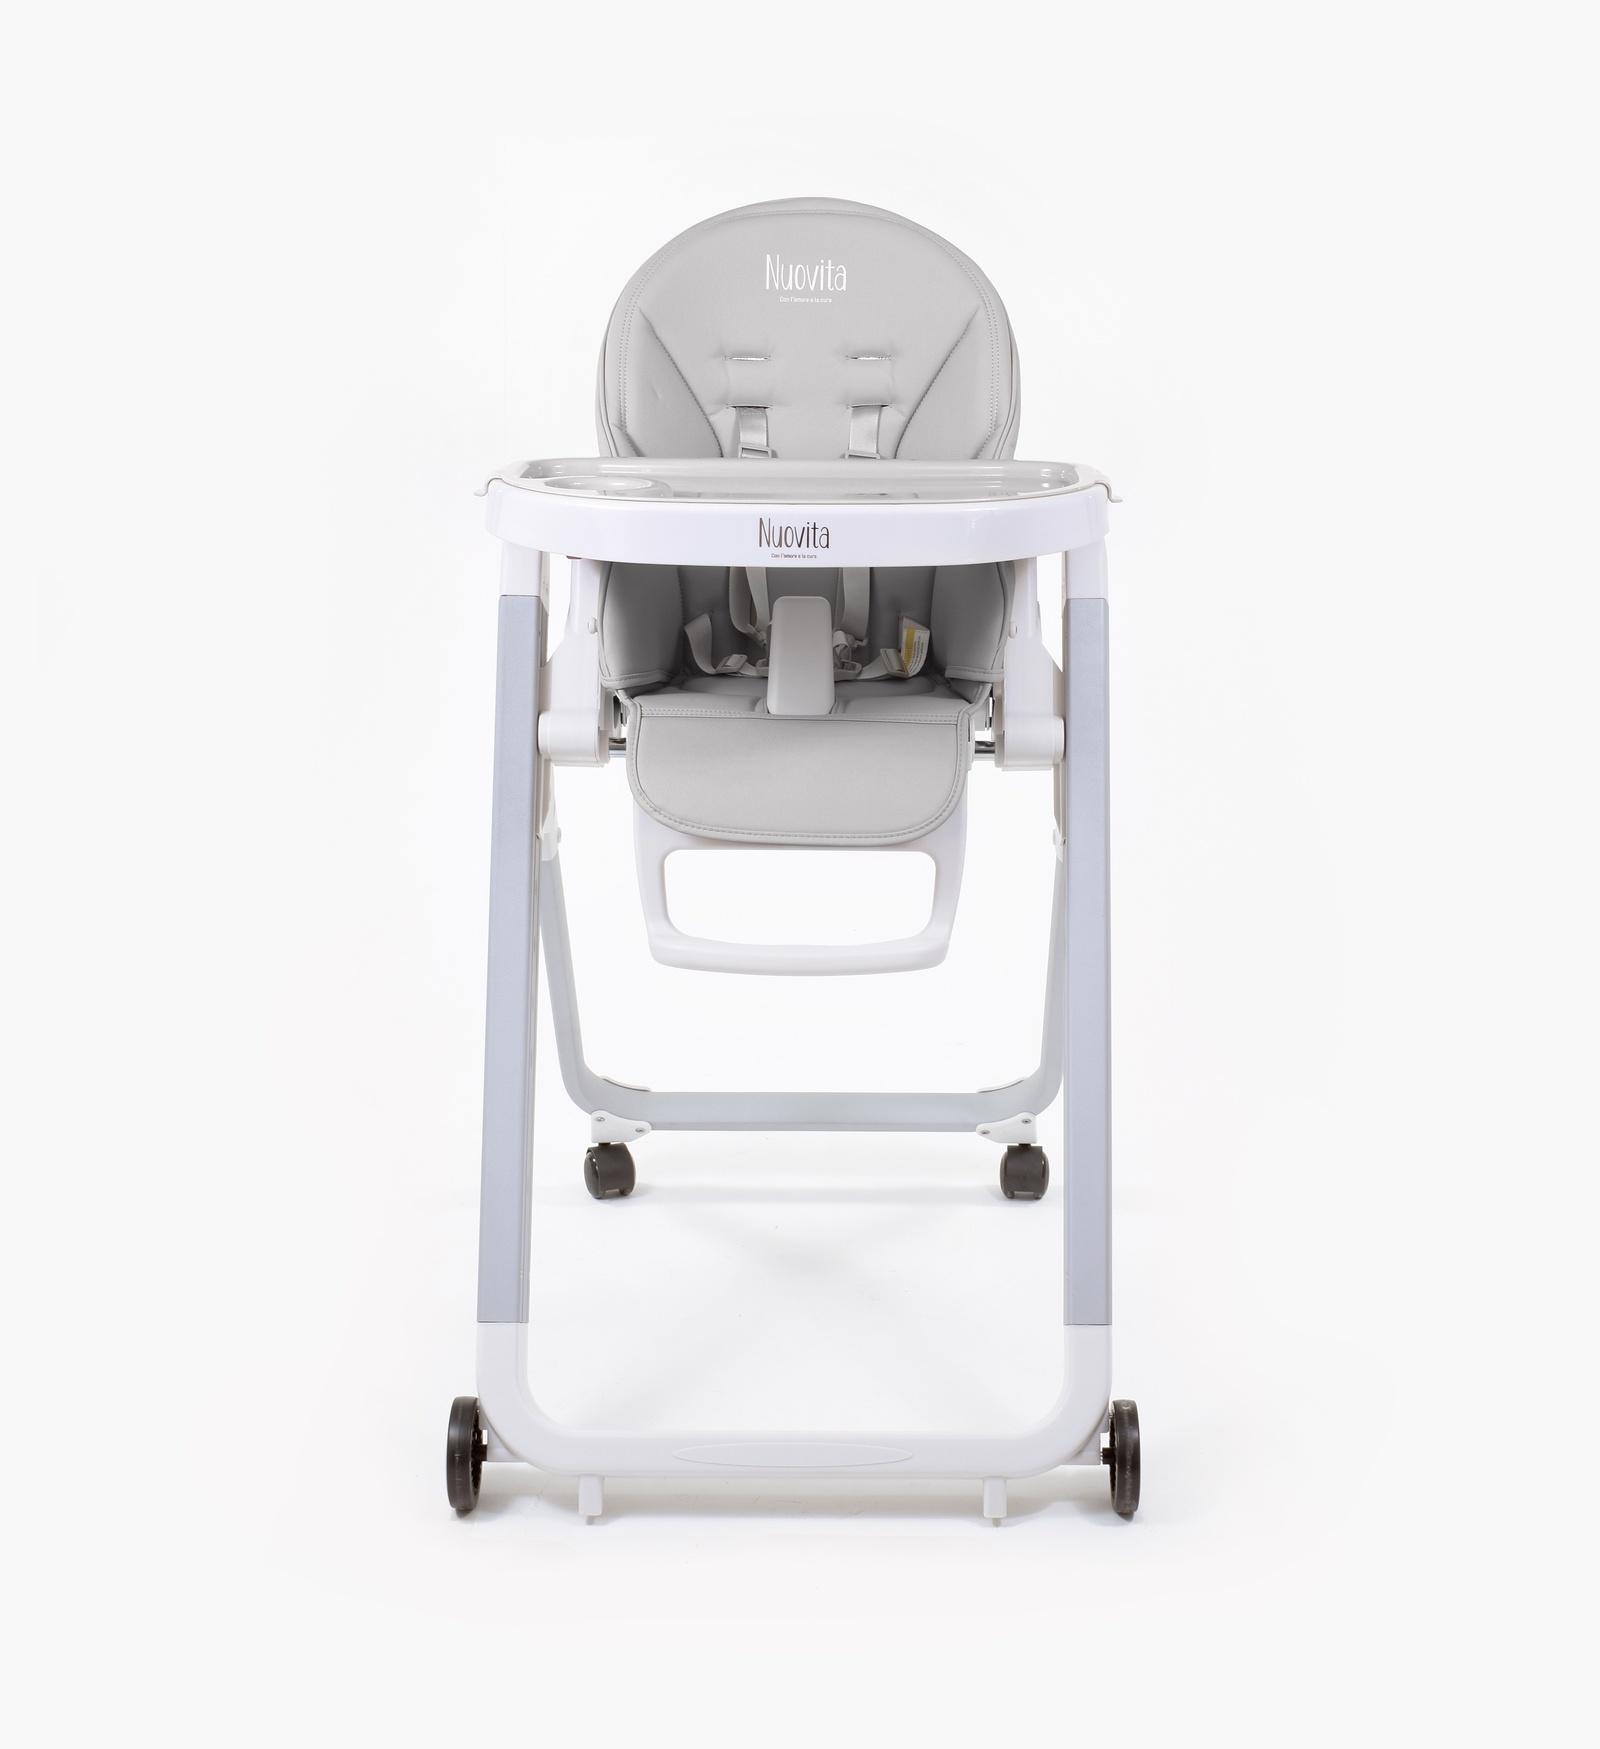 Стульчик для кормления Nuovita Стульчик для кормления Futuro Senso Bianco стульчик для кормления nuovita futuro bianco blu голубой